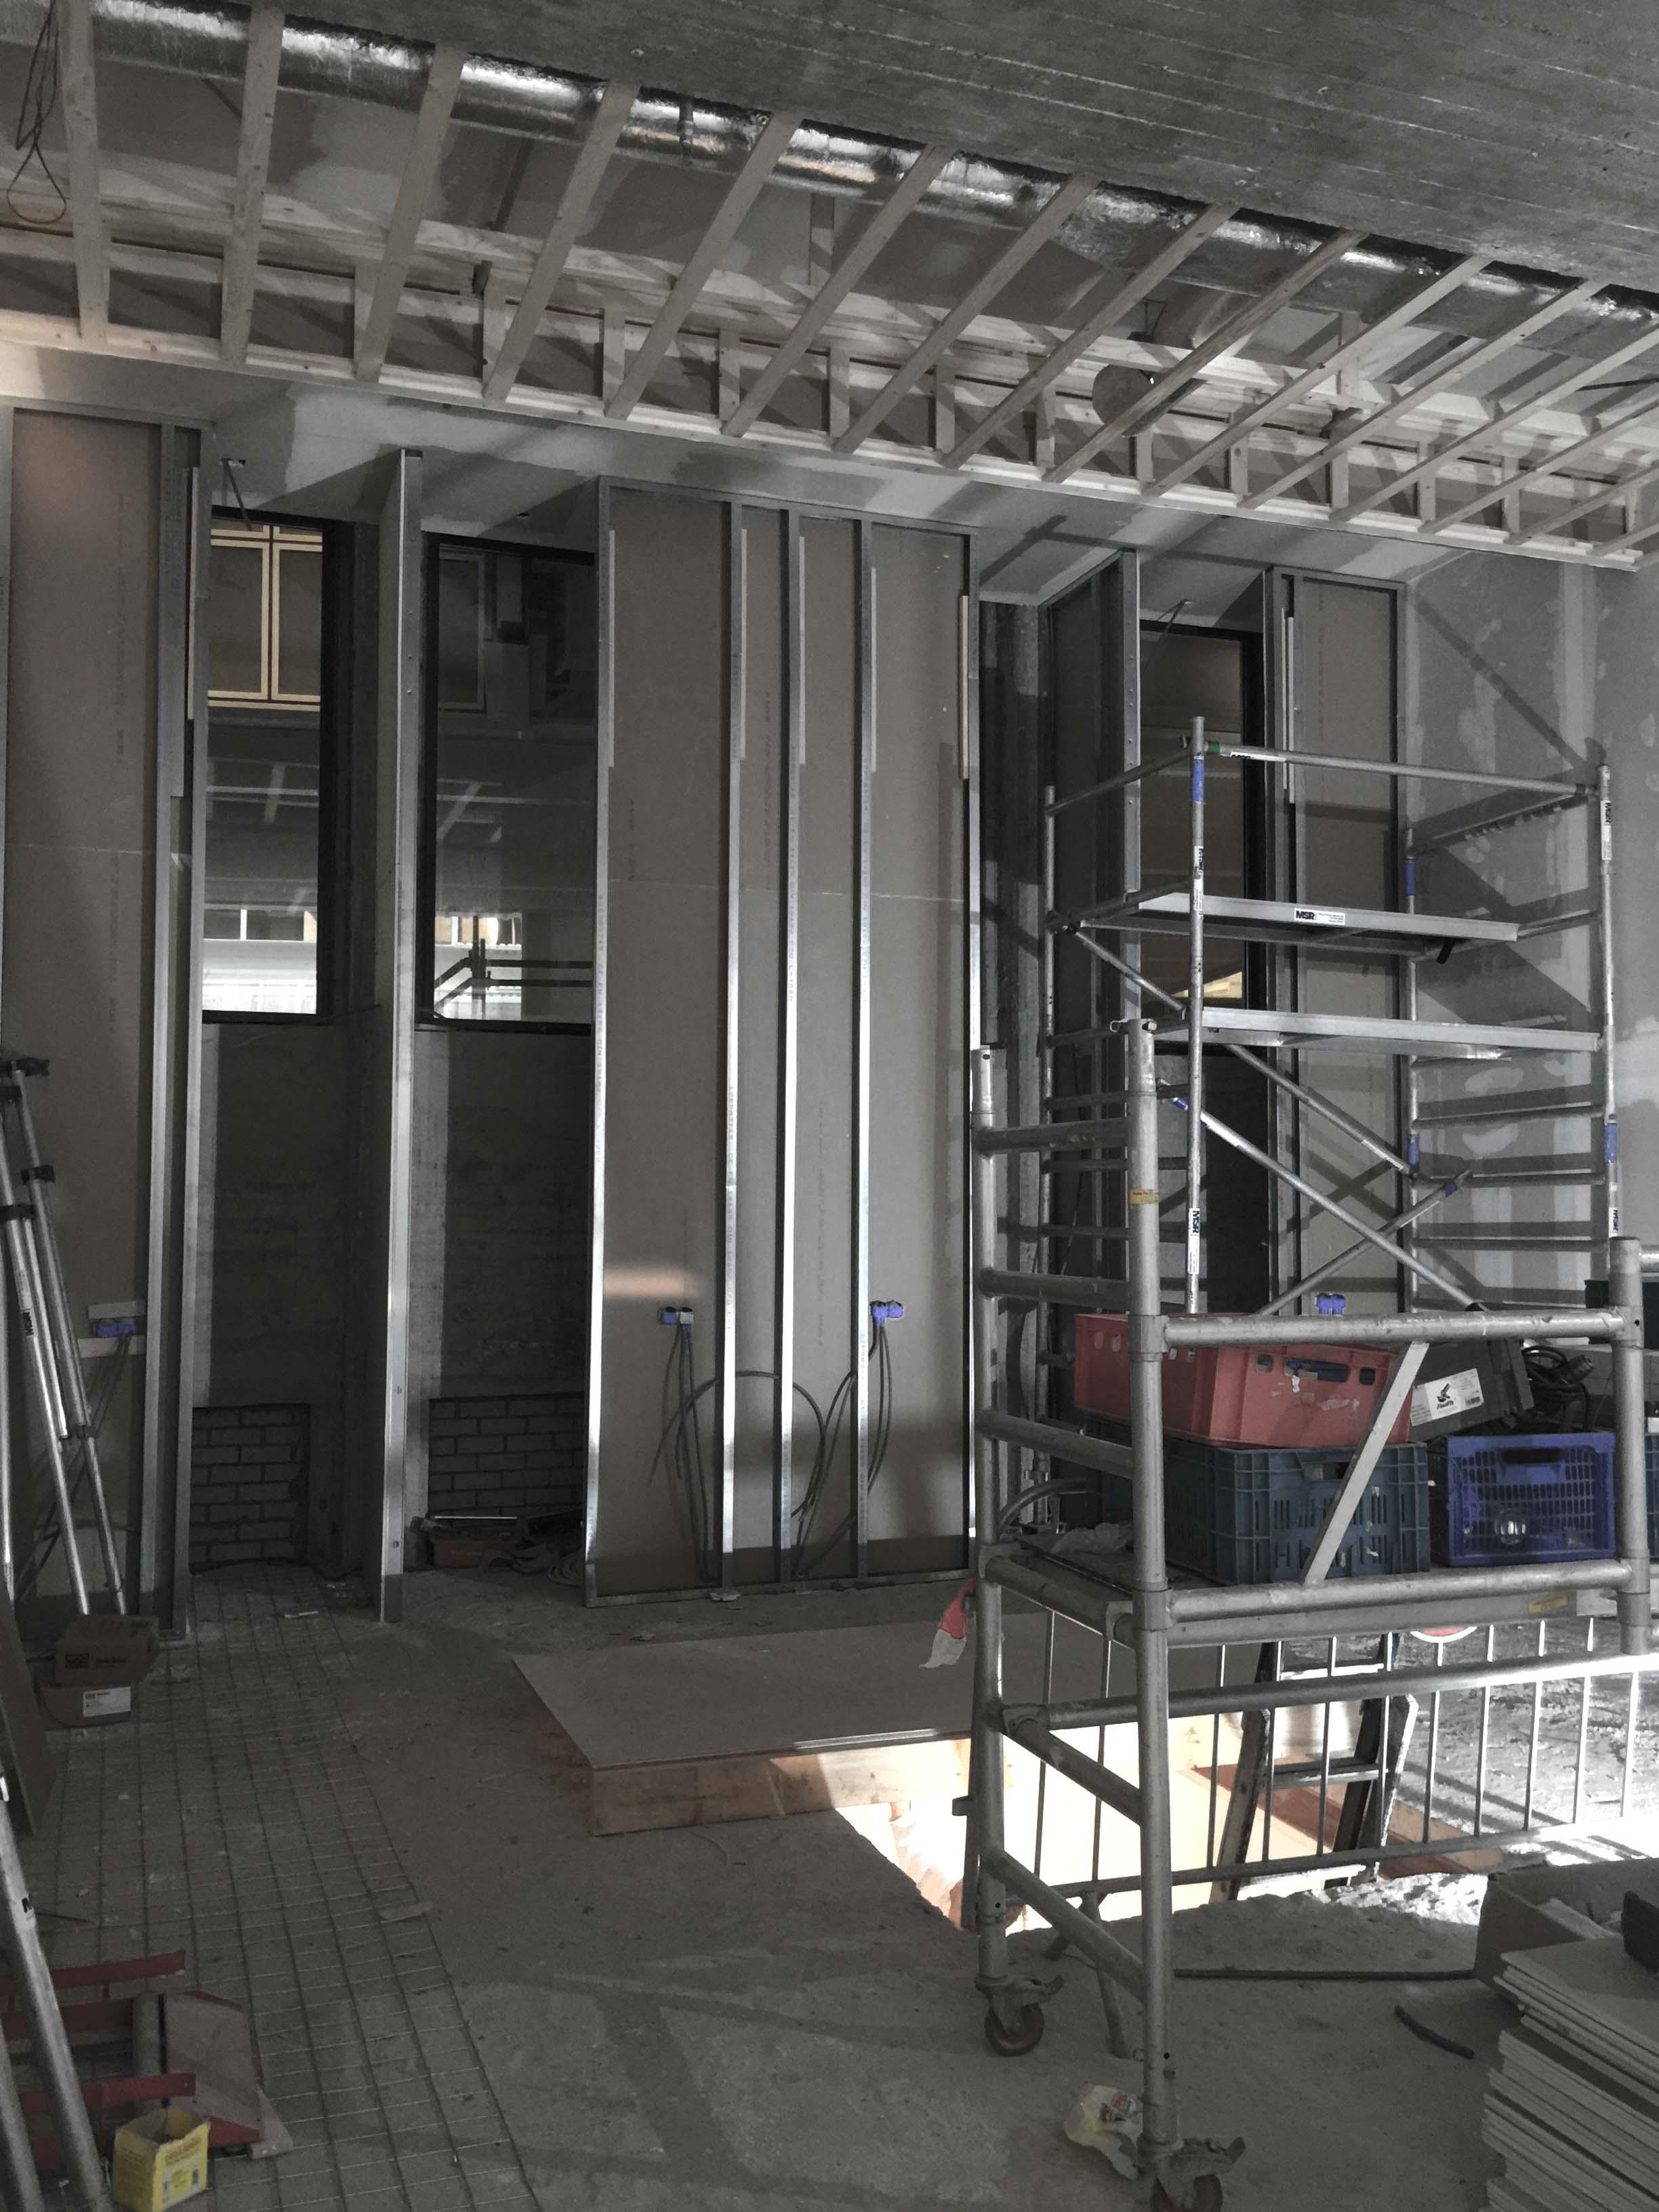 003 DANTE6  building lex de Gooijer Interiors meent-123.jpg